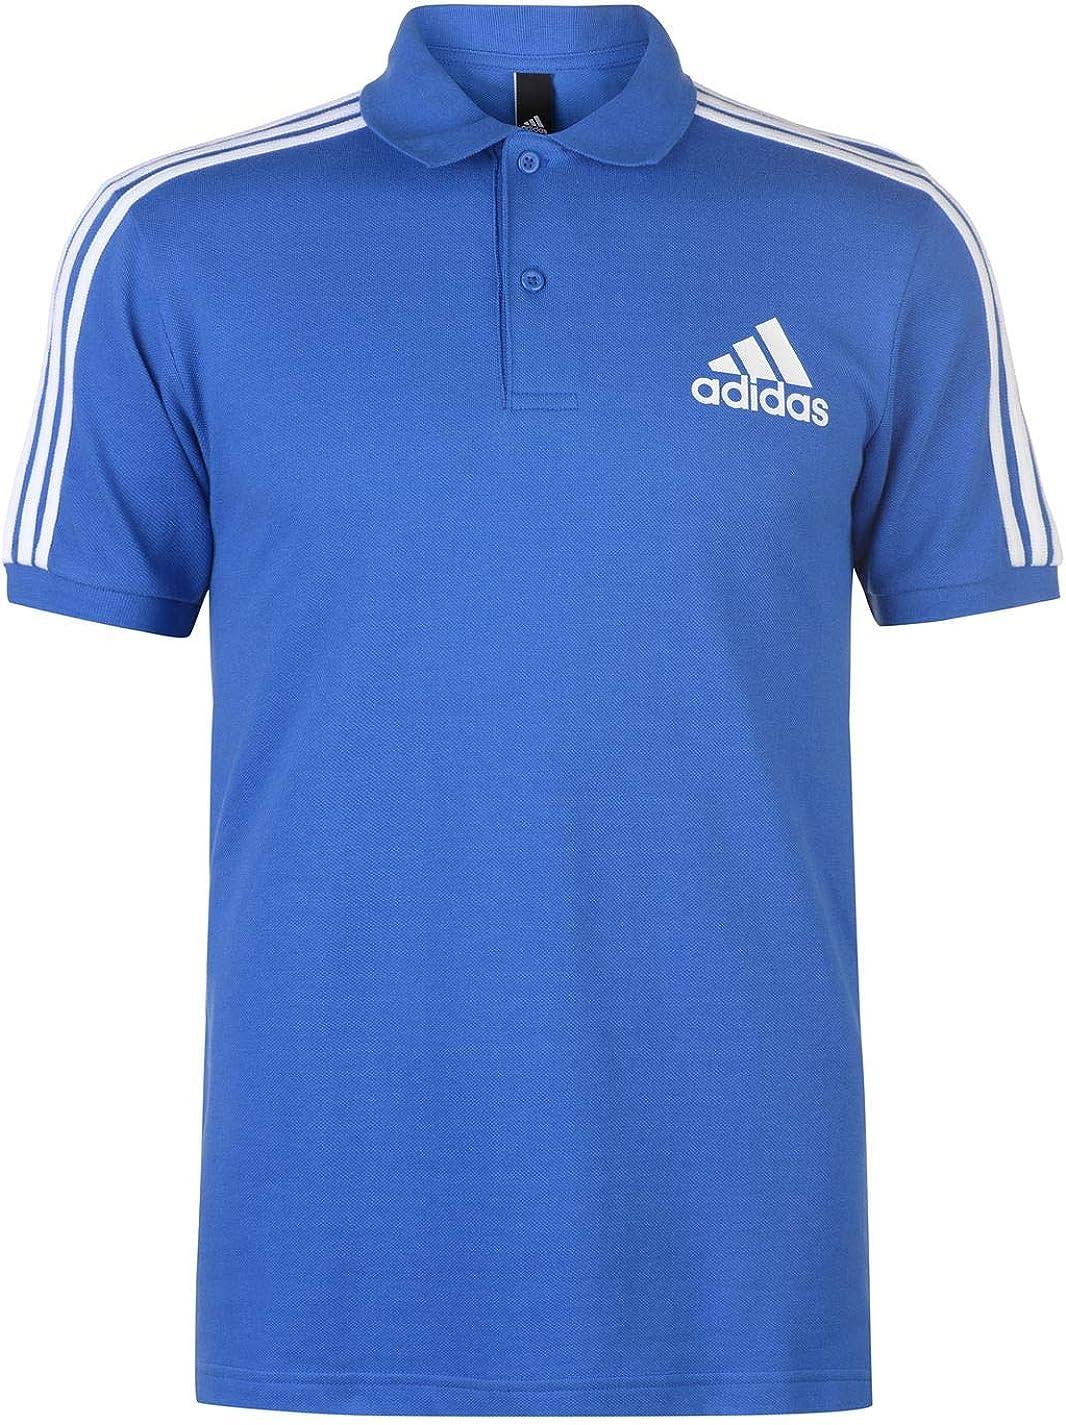 adidas 3-Streifen Logo Poloshirt Polo para Hombre: Amazon.es: Ropa y accesorios